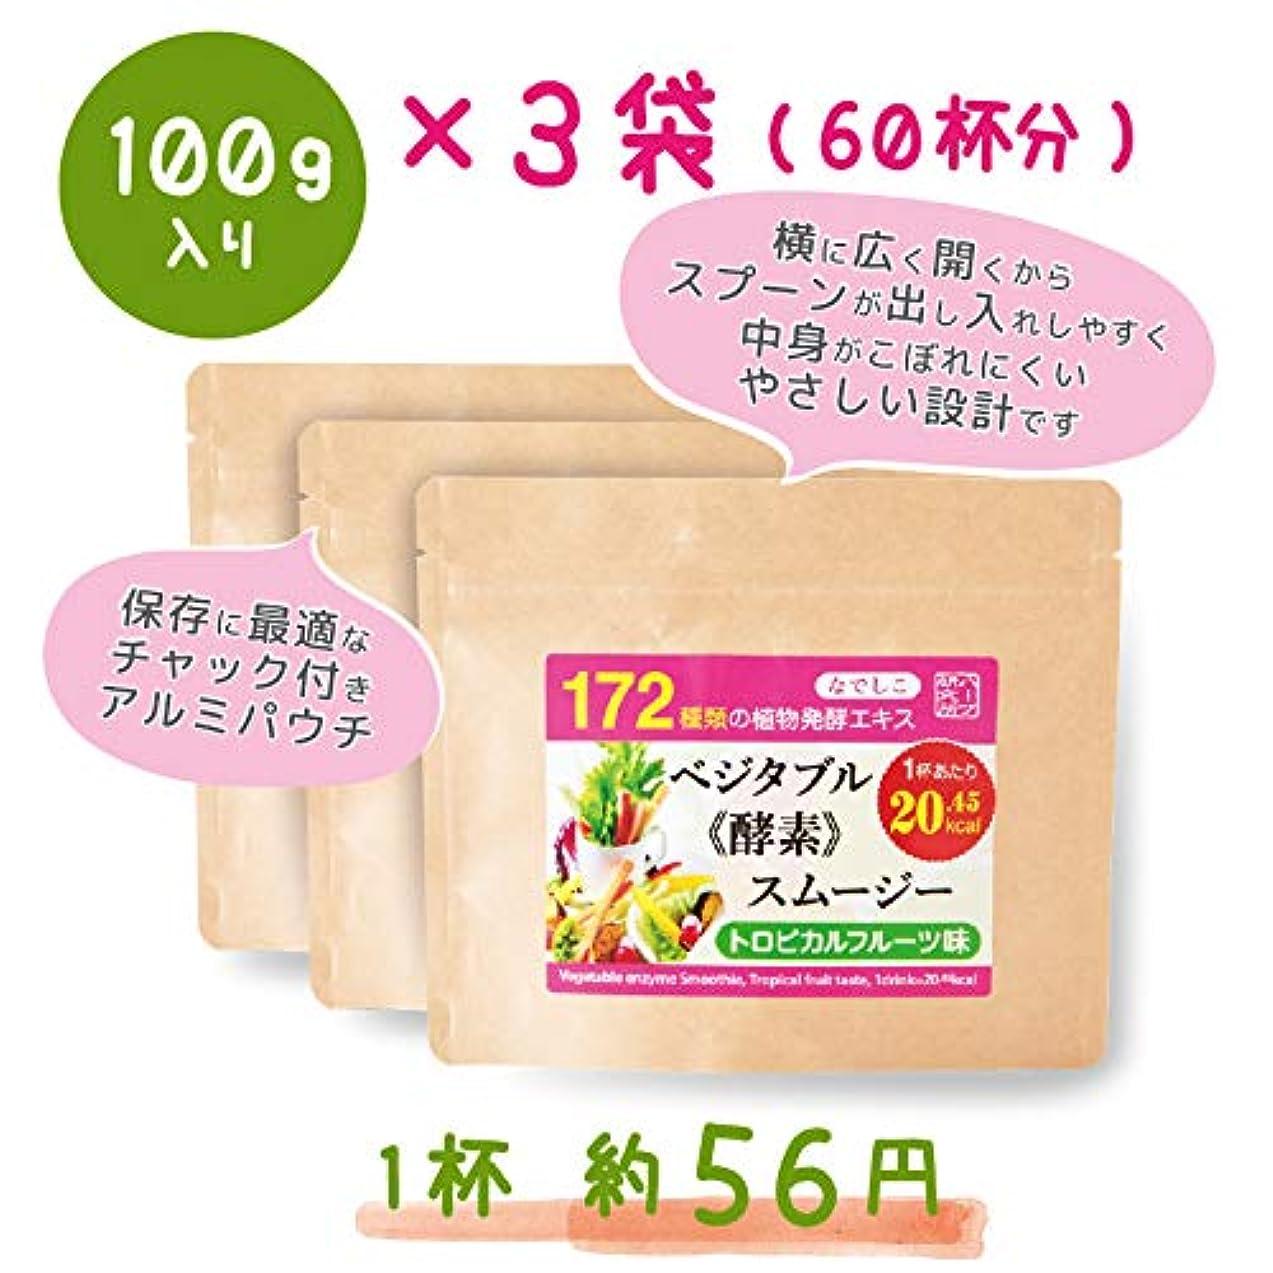 明示的に幾分八百屋さんグリーン酵素ダイエットスムージー(ストロベリー味)300g (100g×3パック)で20%OFF